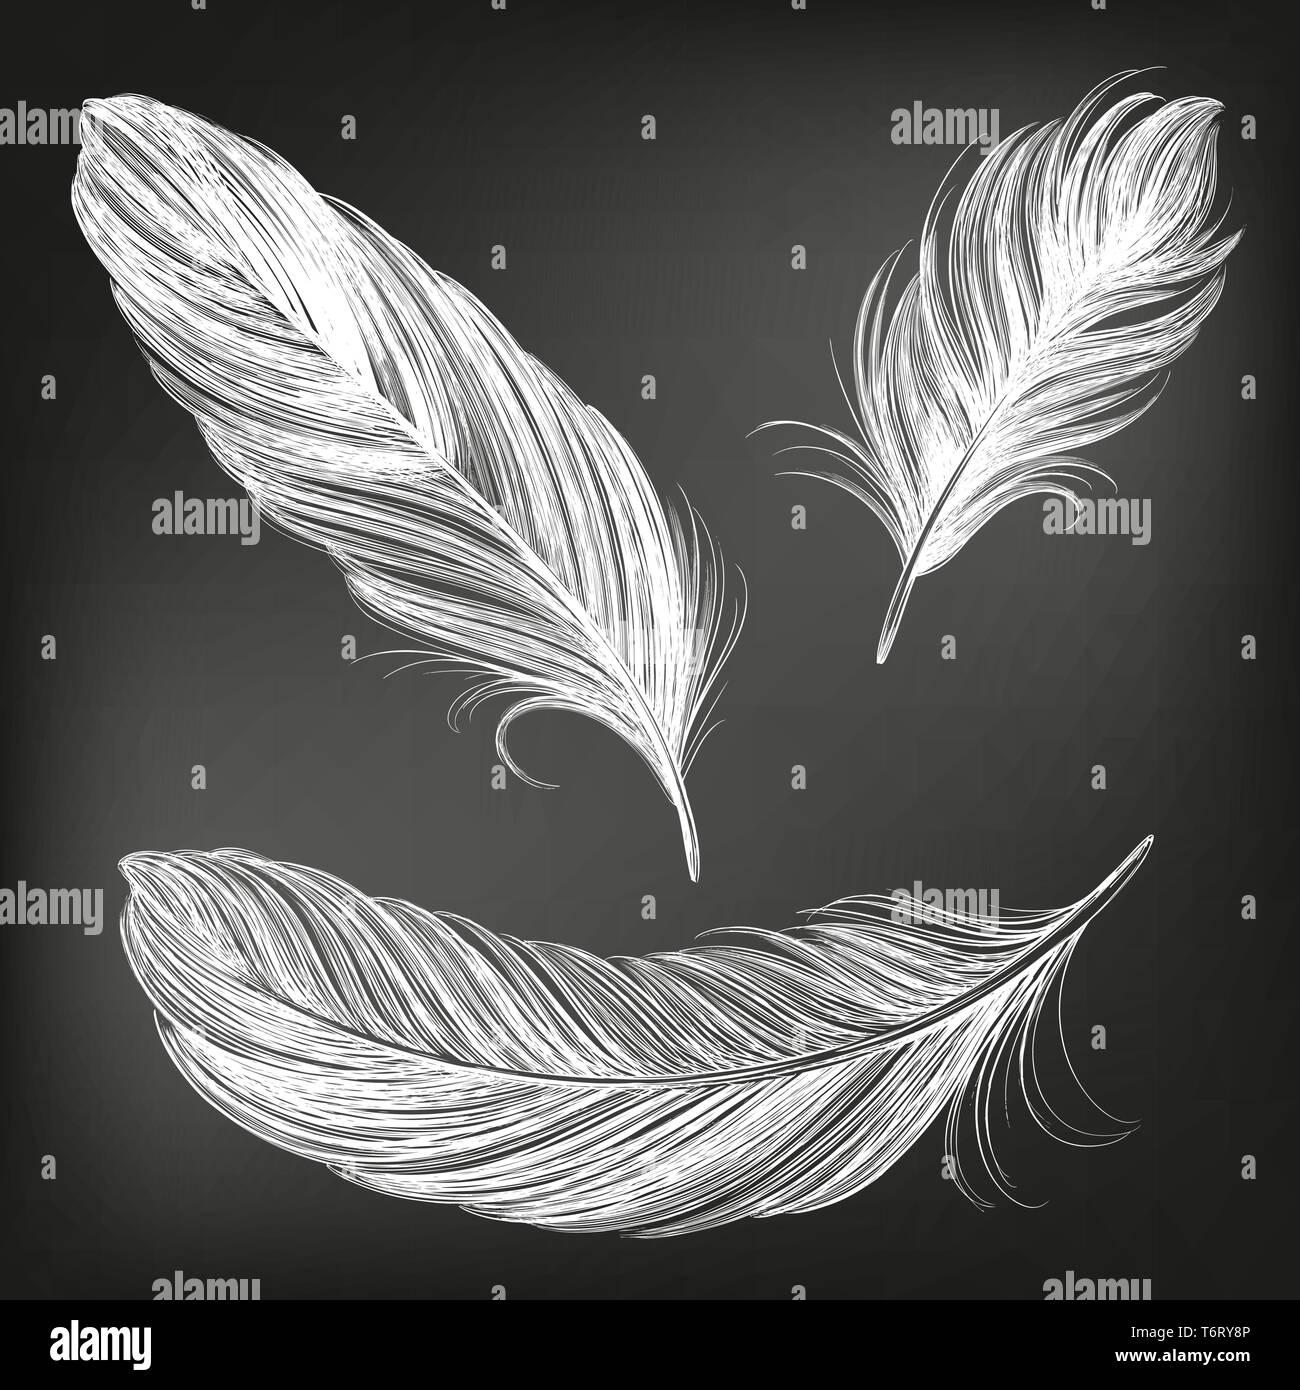 Federn weiß Sammlung Hand gezeichnet Vektor-illustration Skizze, in Kreide auf einer Tafel gezeichnet Stockbild